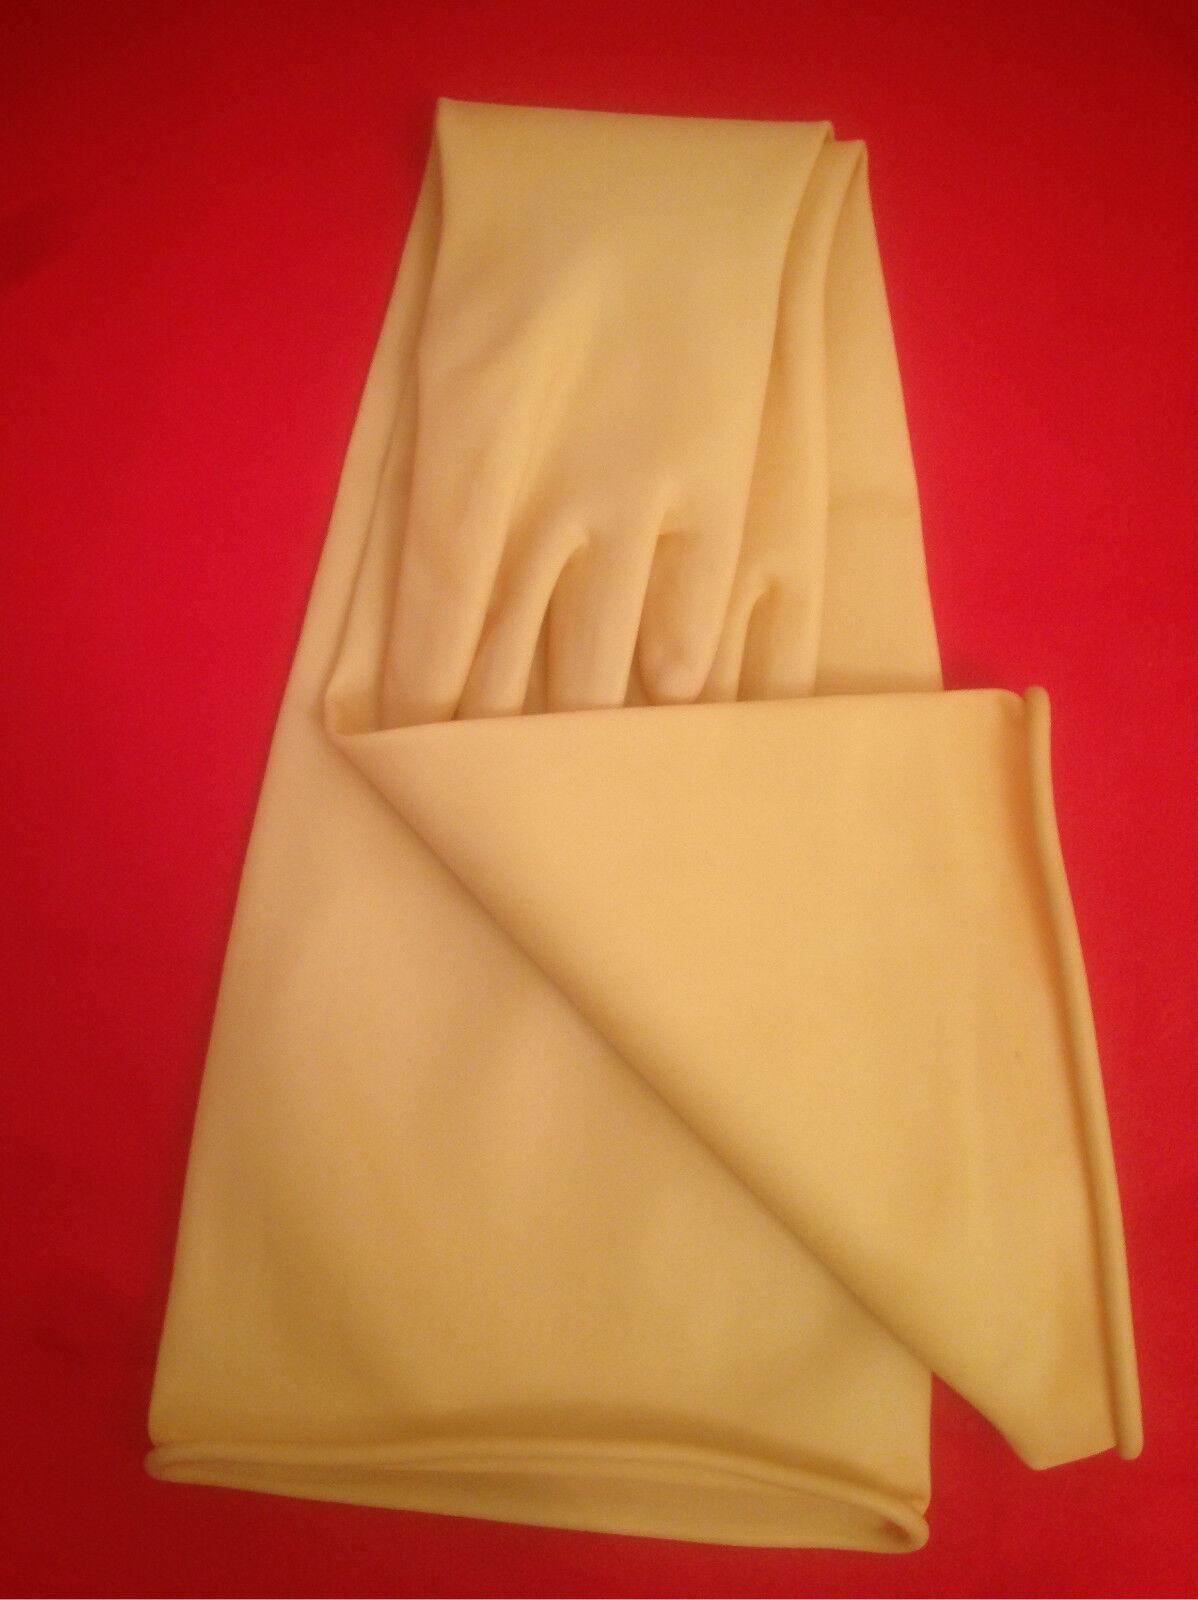 Armlange Industrie - Gummihandschuhe 70cm extra lang --- Rubber Gloves 70cm  120 | Attraktiv Und Langlebig  | Sehr gelobt und vom Publikum der Verbraucher geschätzt